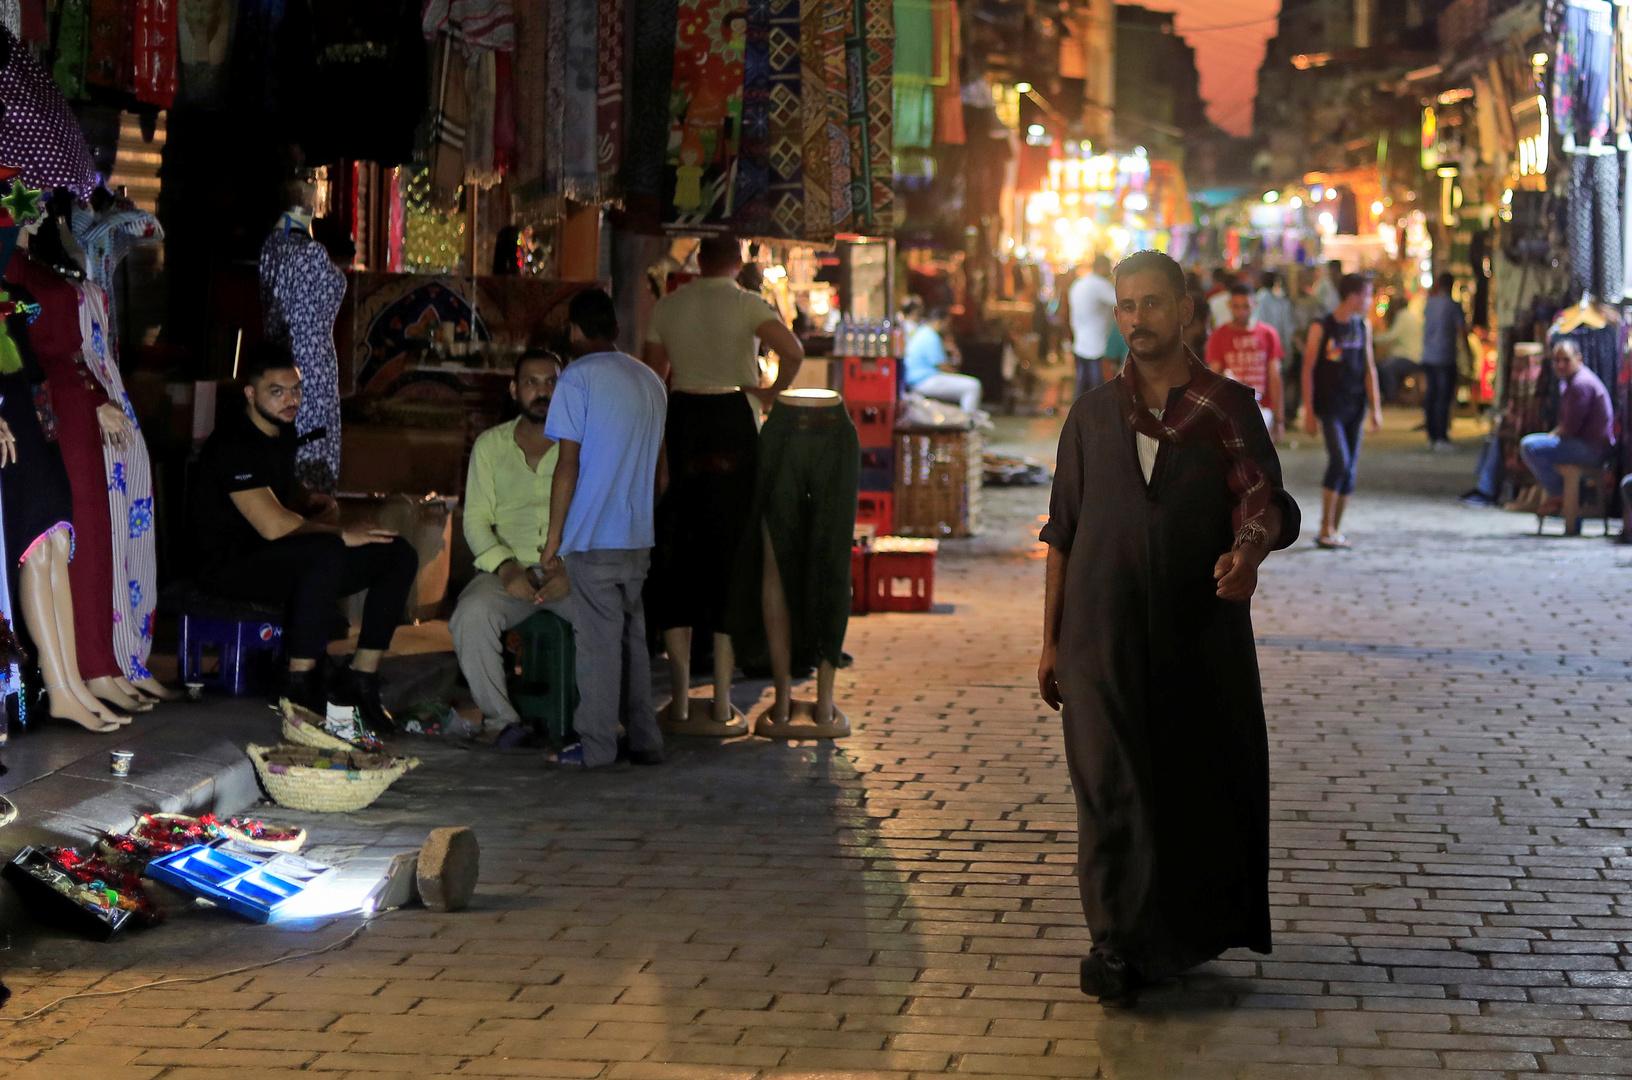 مصر تتجه نحو تسجيل صفر إصابات بكورونا